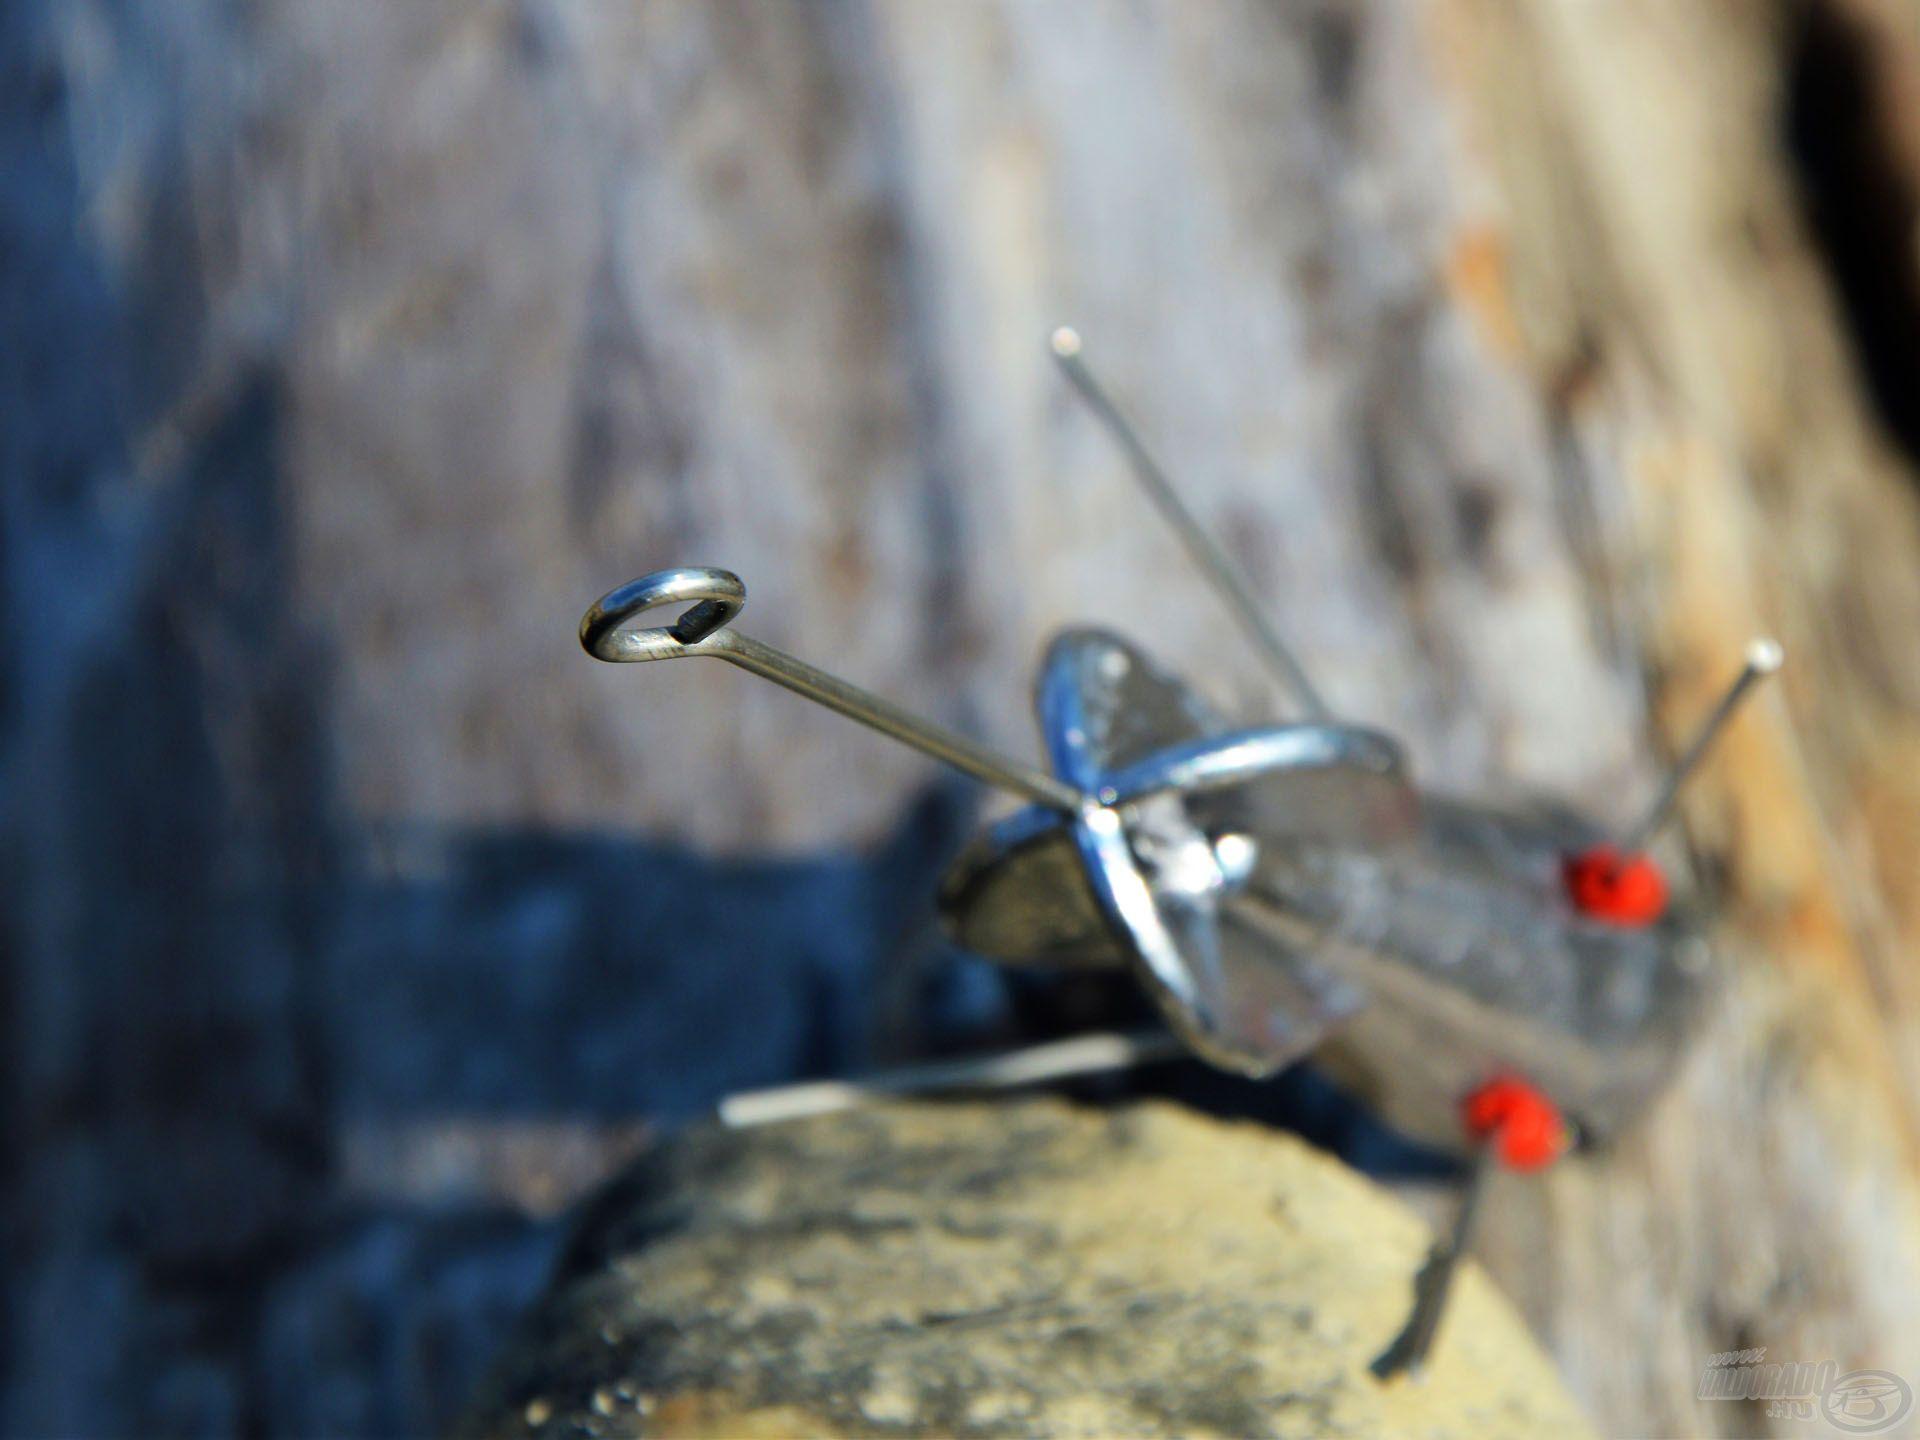 Az ólom végéből kiálló hosszú száron lévő karikába kell kapcsolni a karabinert, vagy ide lehet kötni a főzsinórt